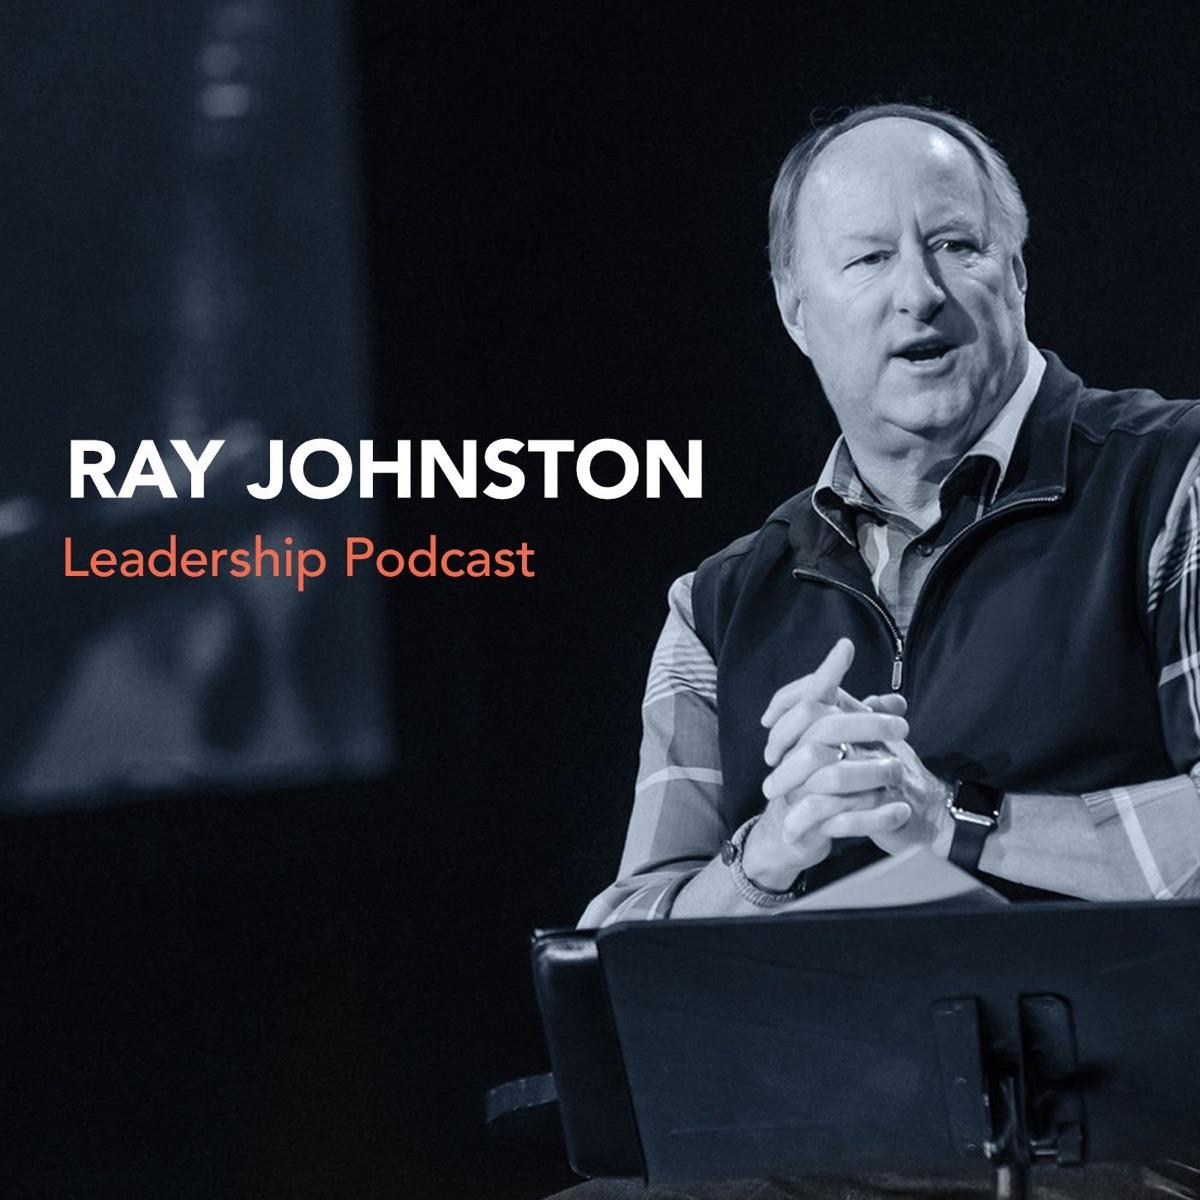 Ray Johnston Leadership Podcast